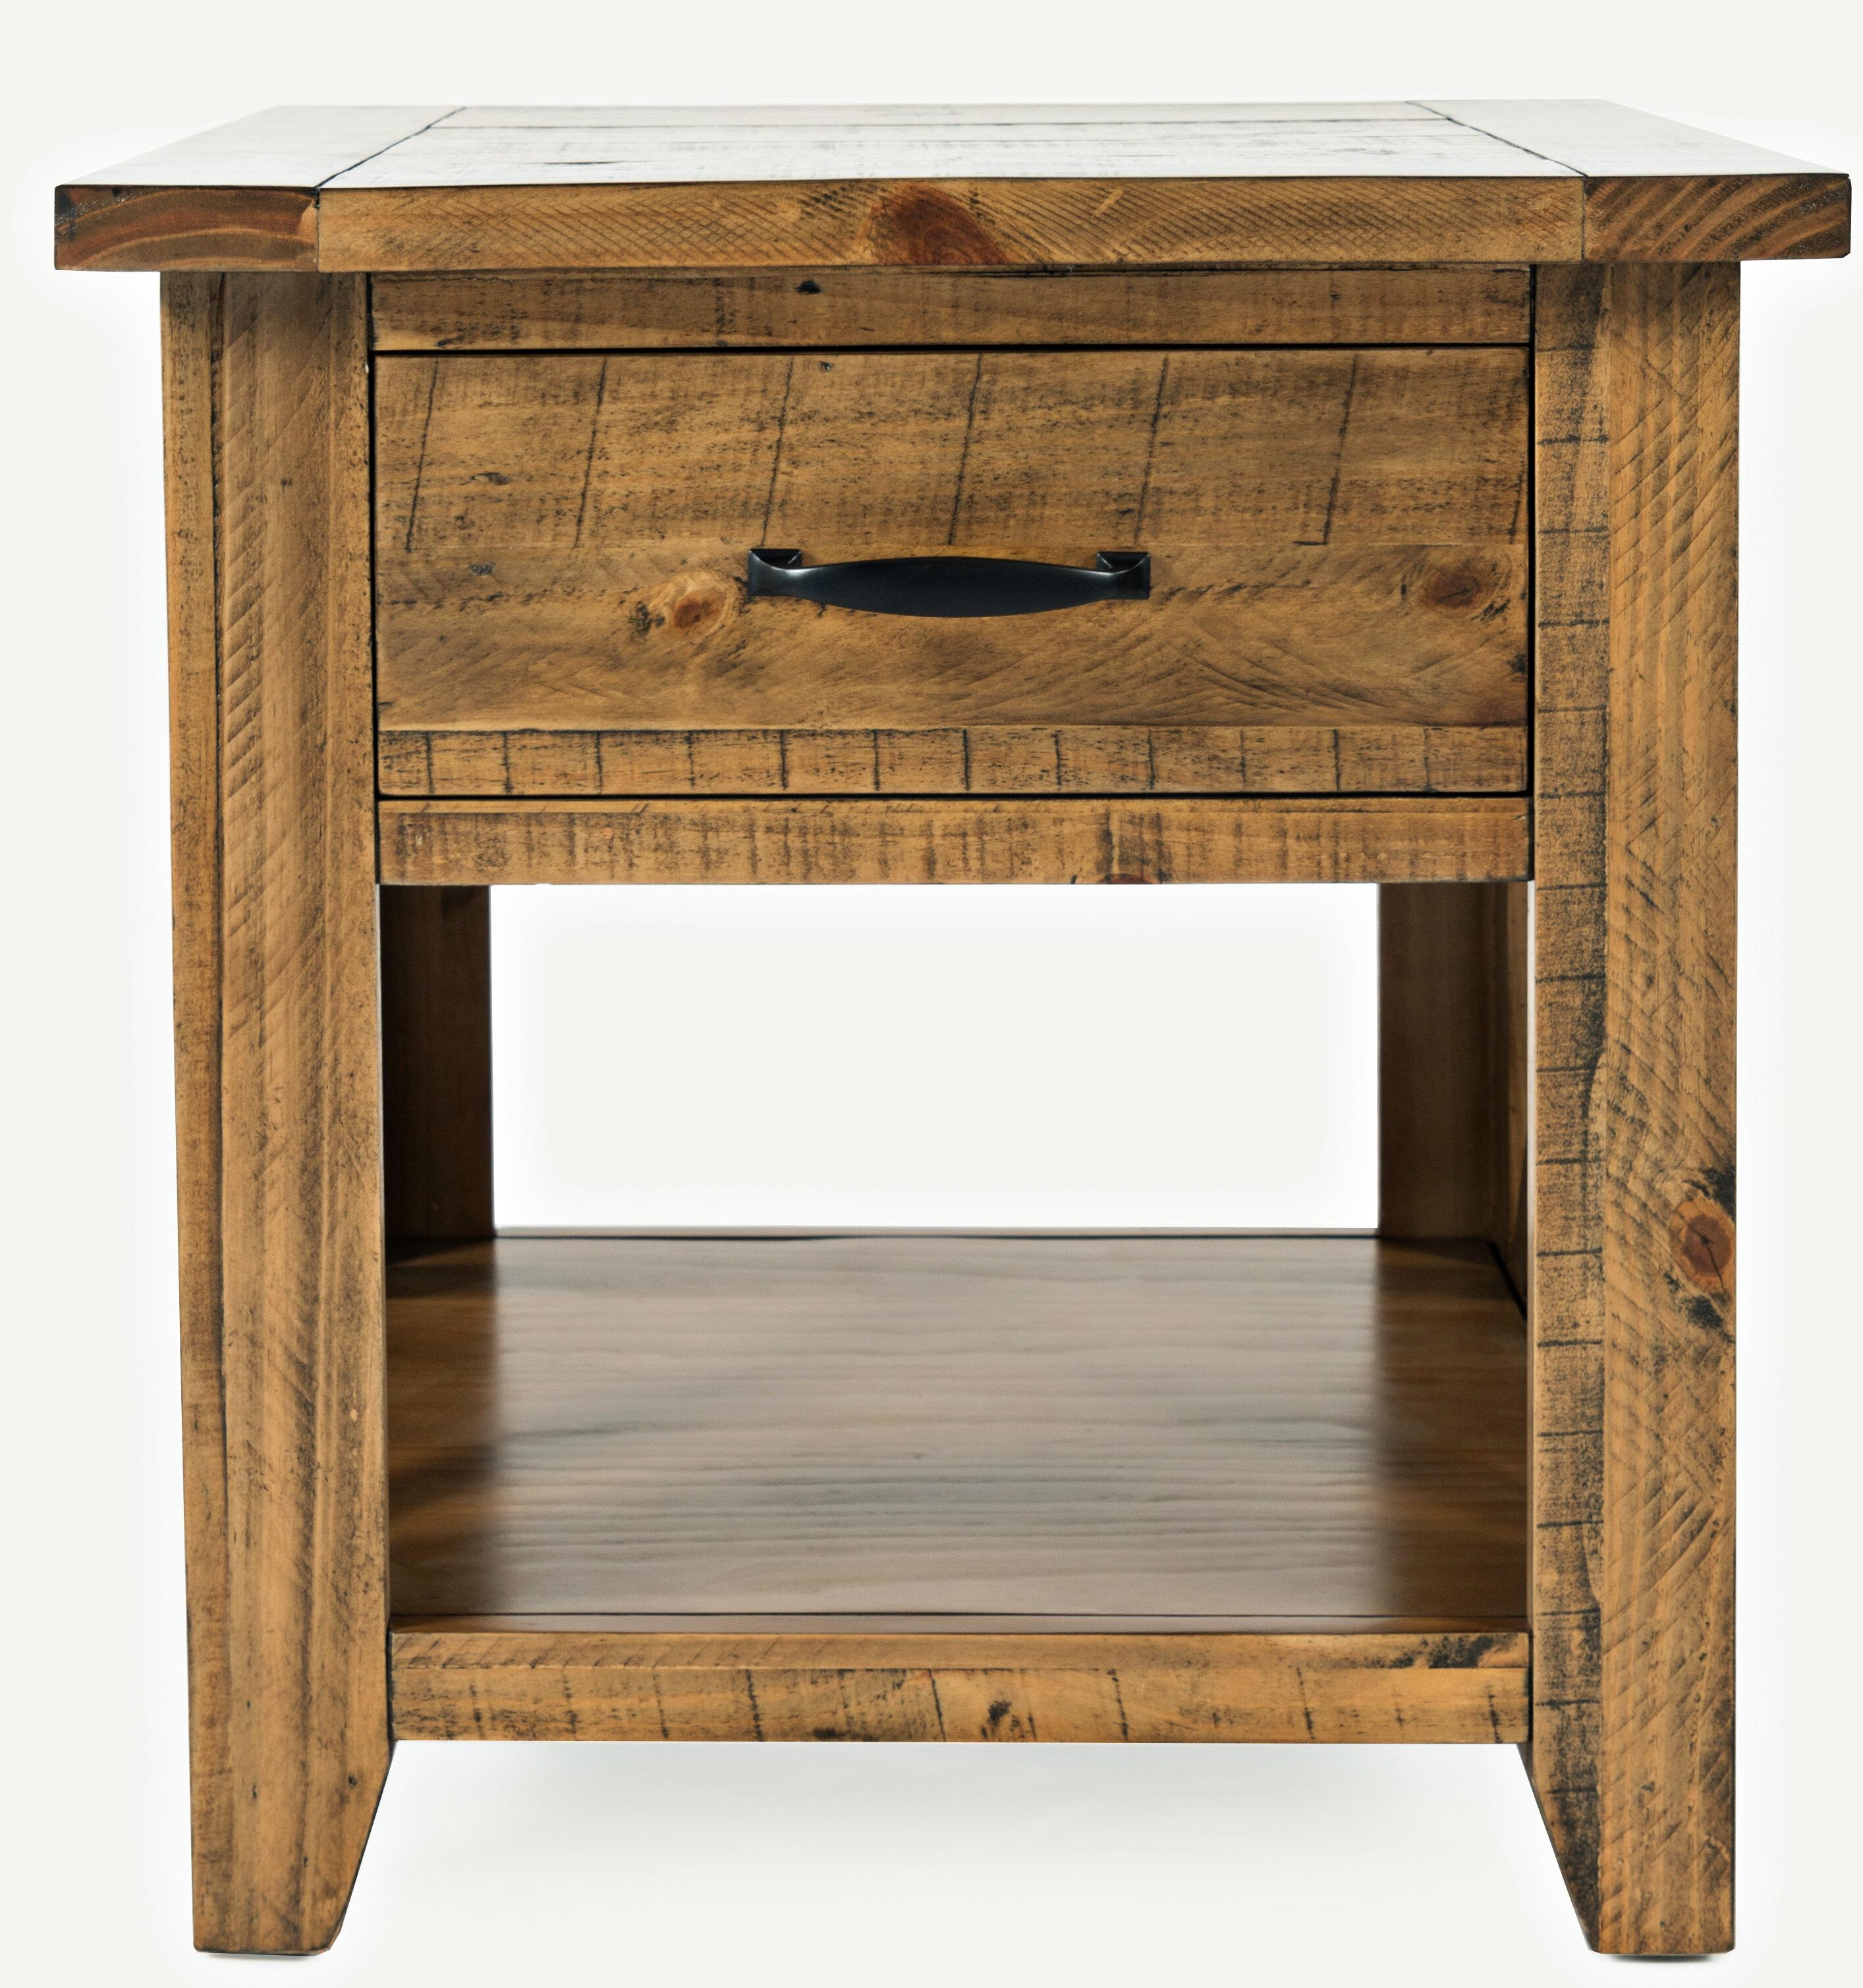 Loon Peak Thame Solid Wood End Table With Storage Reviews Wayfair